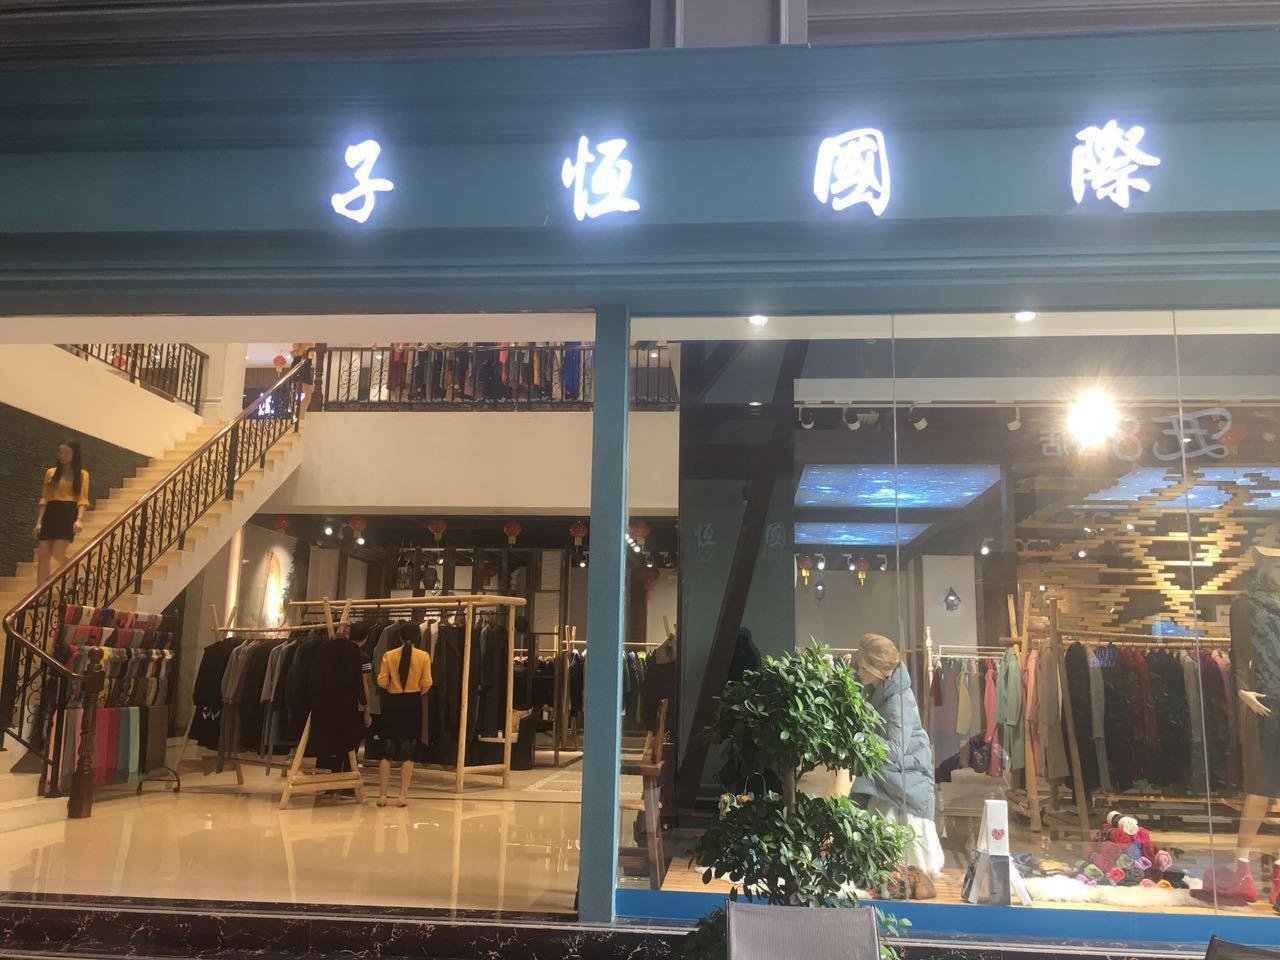 哪家童装好 中国十大品牌童装加盟 进货折扣低服务好 子恒国际 韩版男装加盟